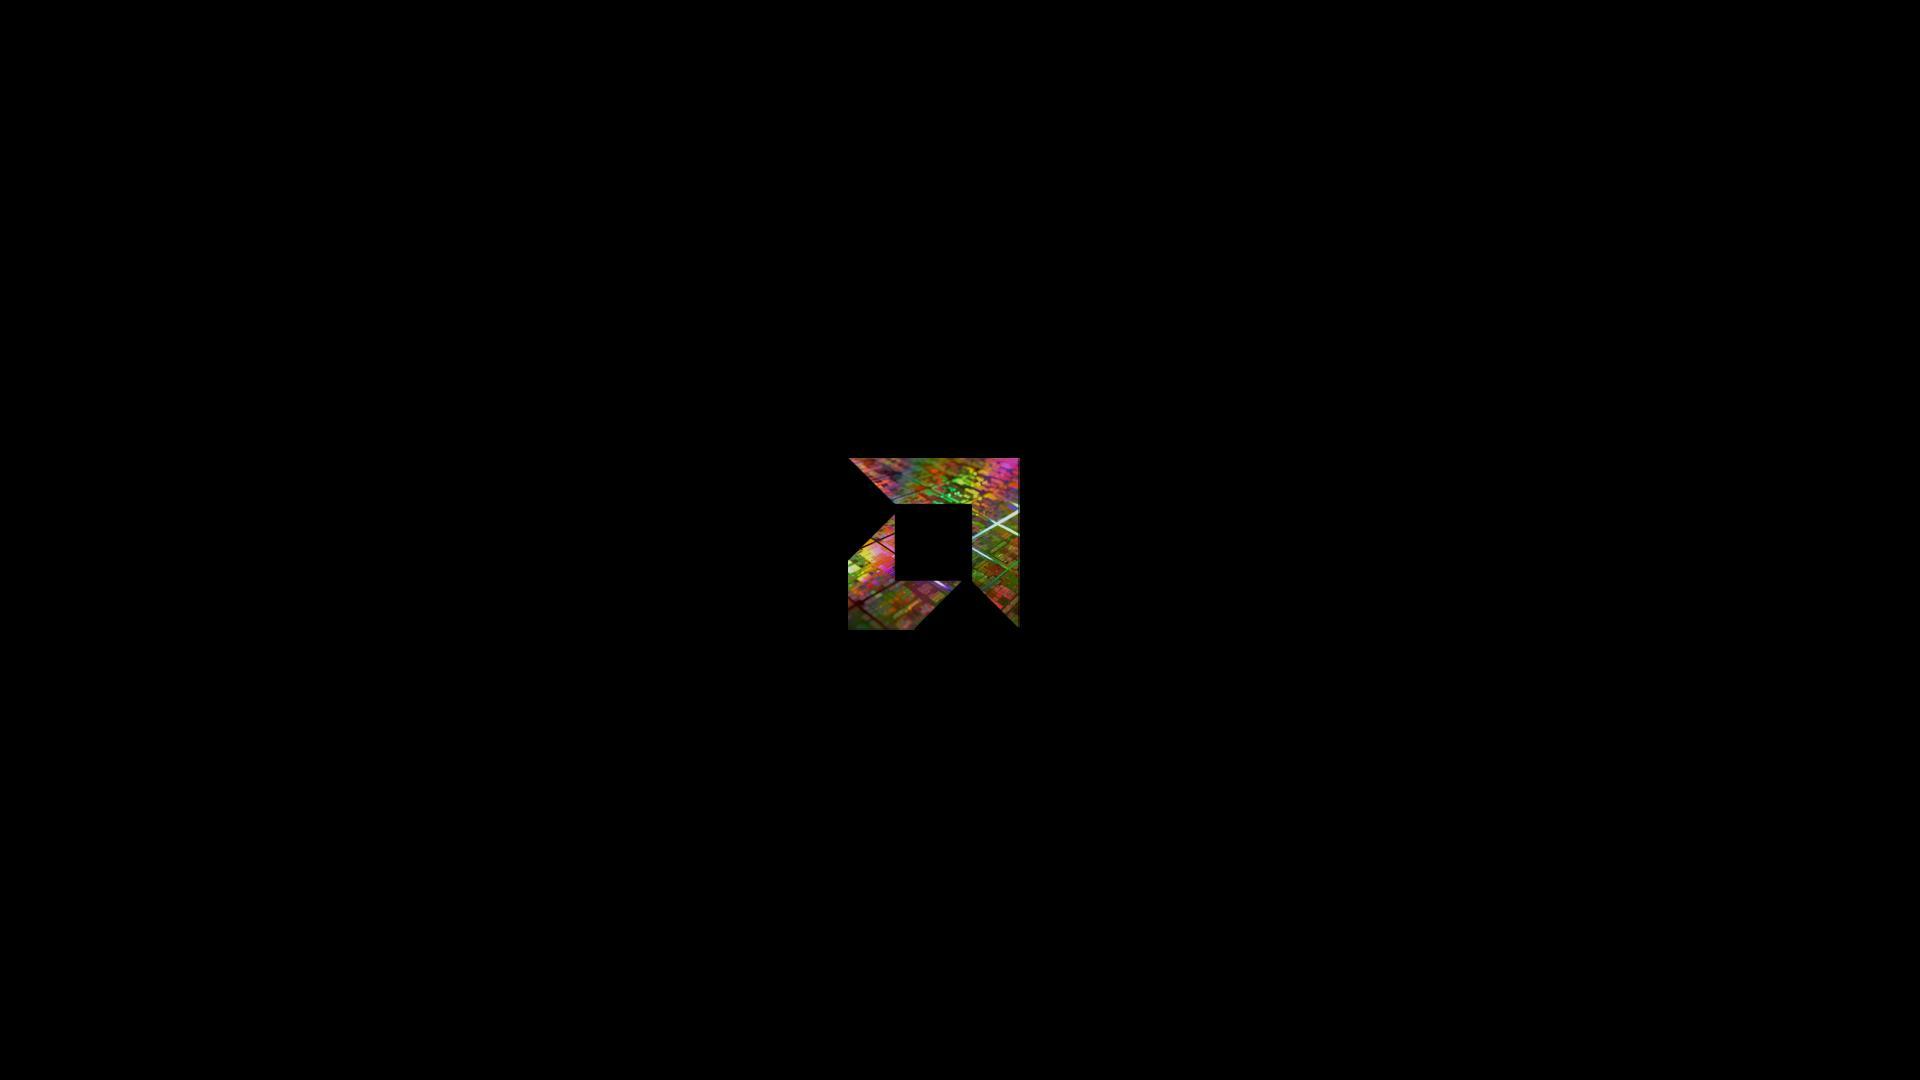 Amd Wafer Logo 3 by Rapt0r   Desktop Wallpaper 1920x1080